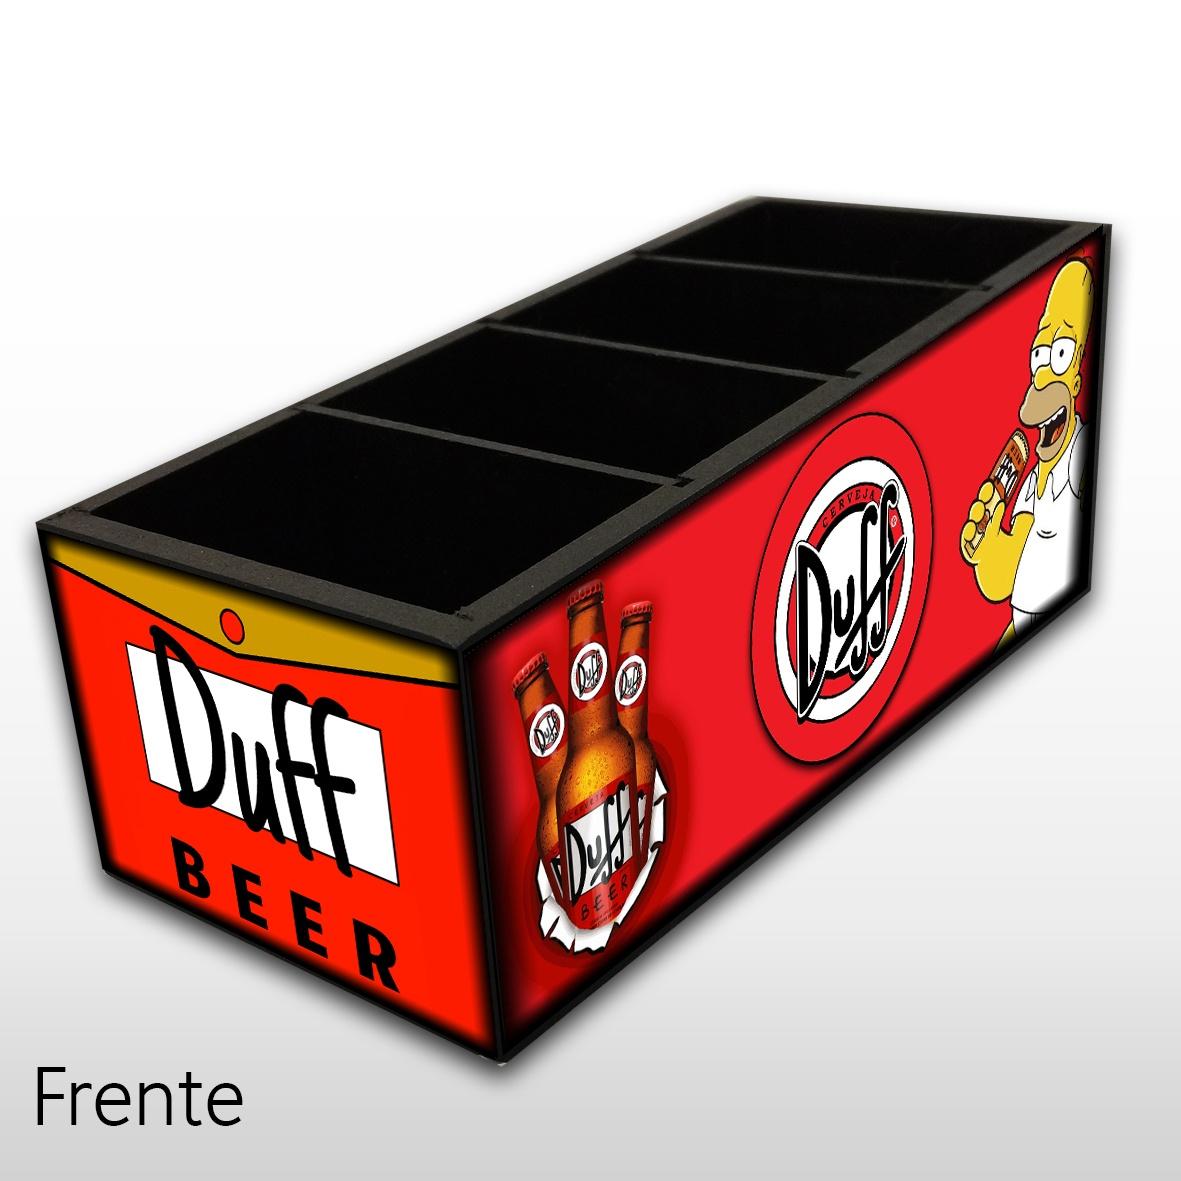 Duff - The Simpsons - Porta Controles em Madeira MDF - 4 Espaços - Mr. Rock